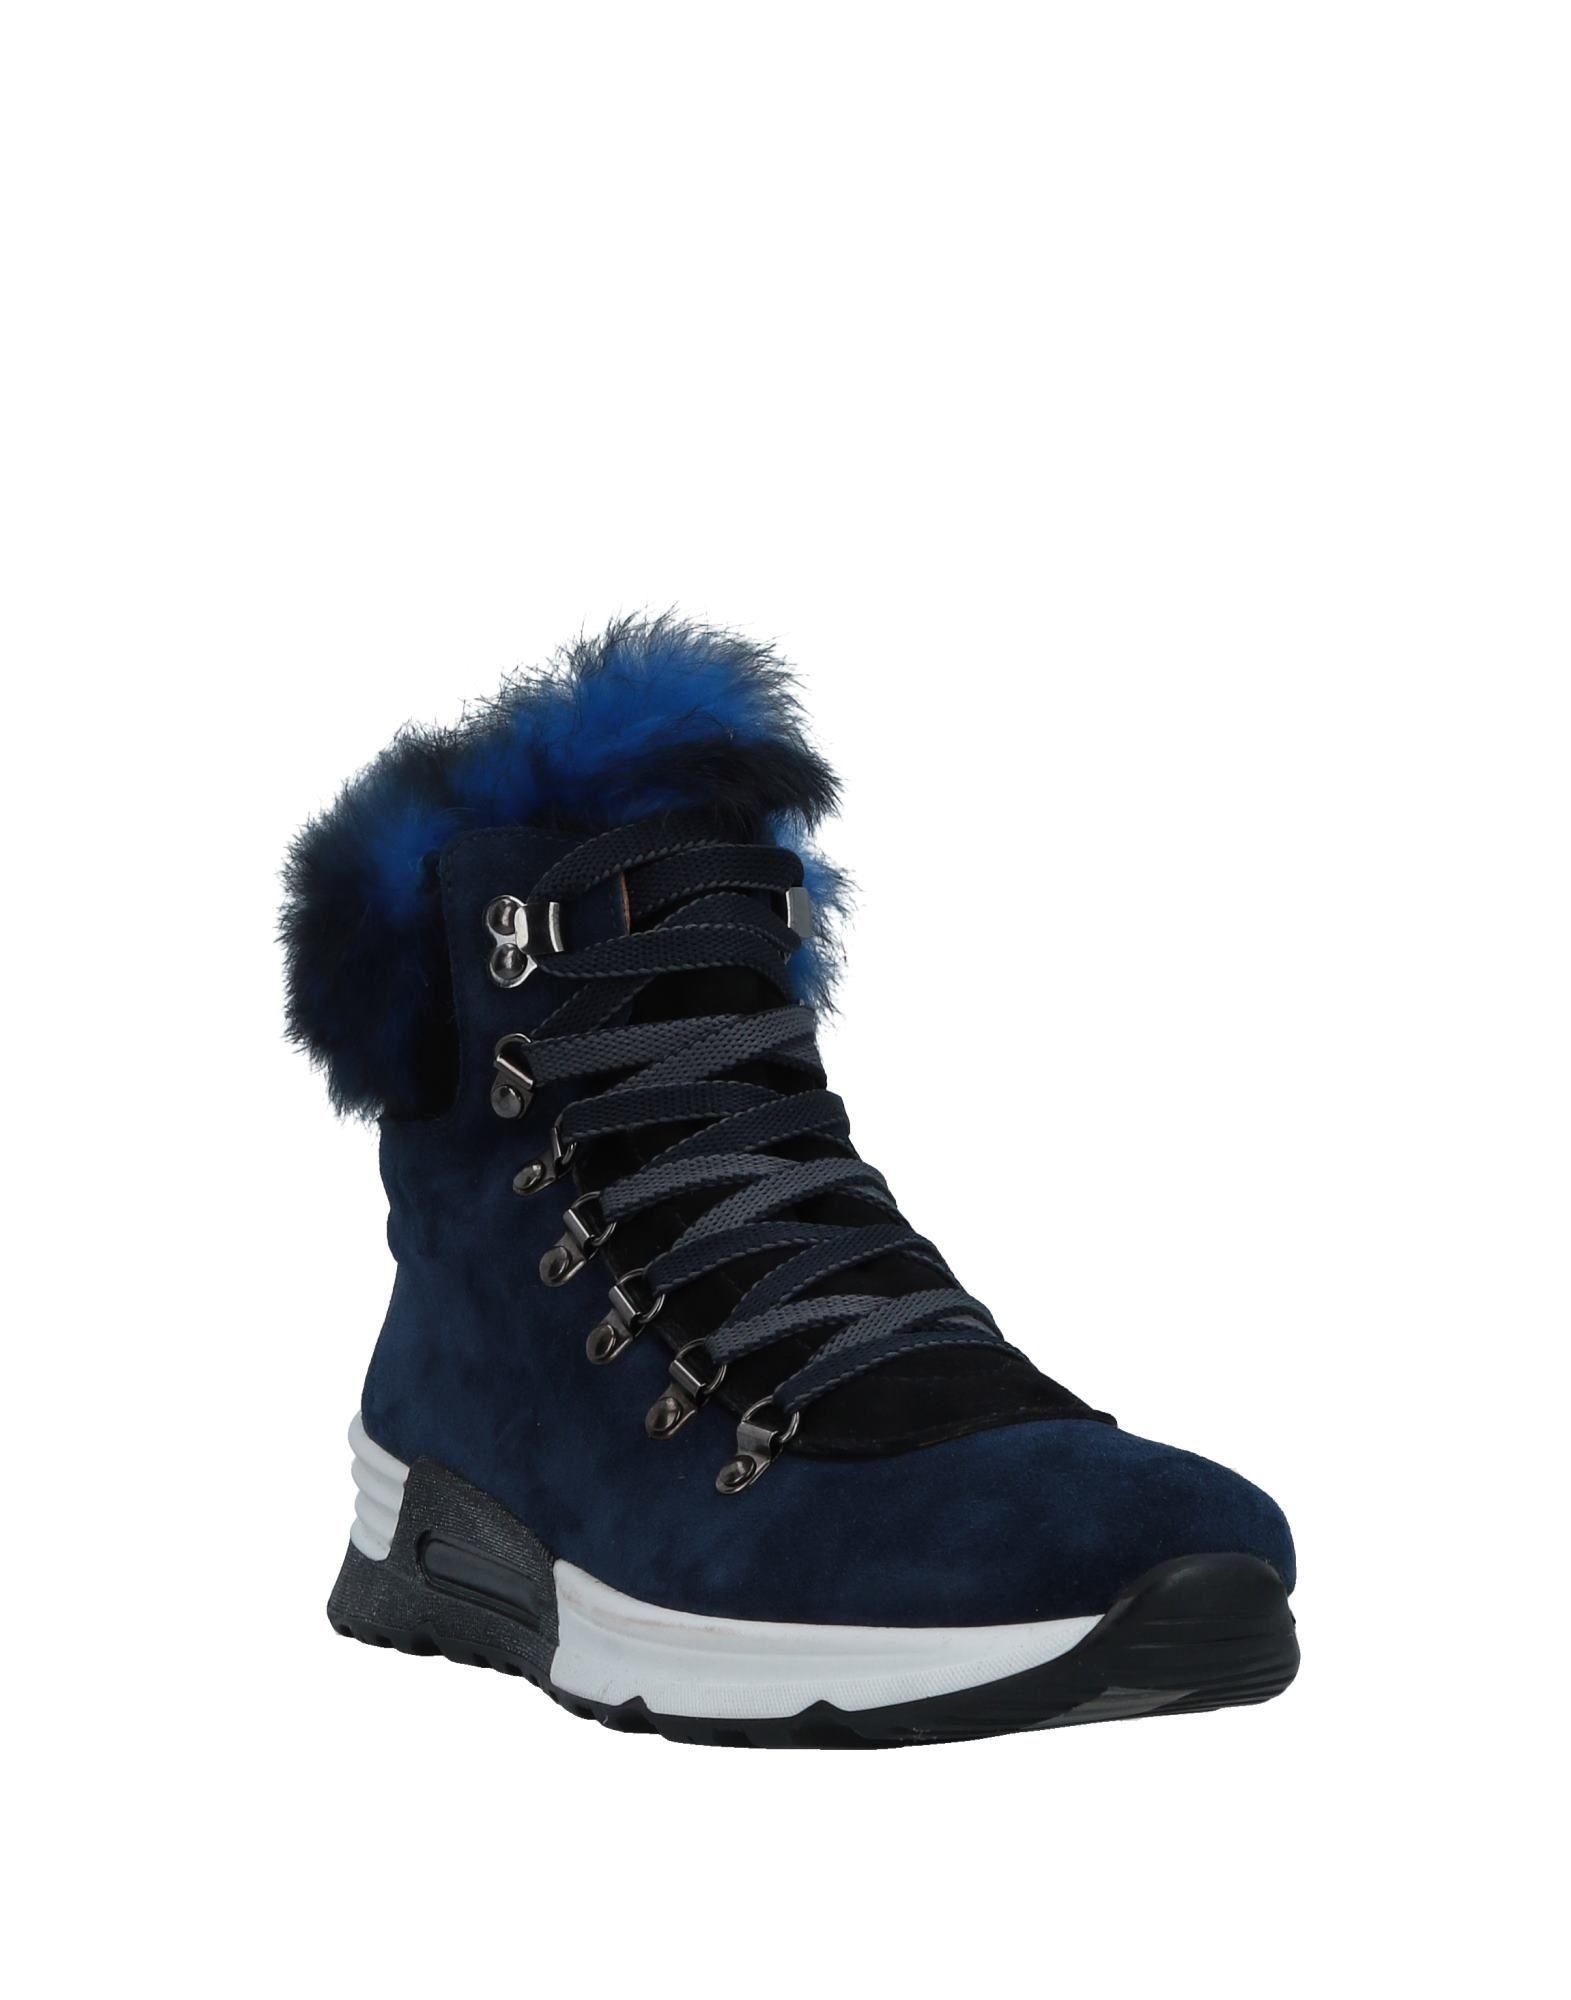 FOOTWEAR Joyks Blue Woman Leather